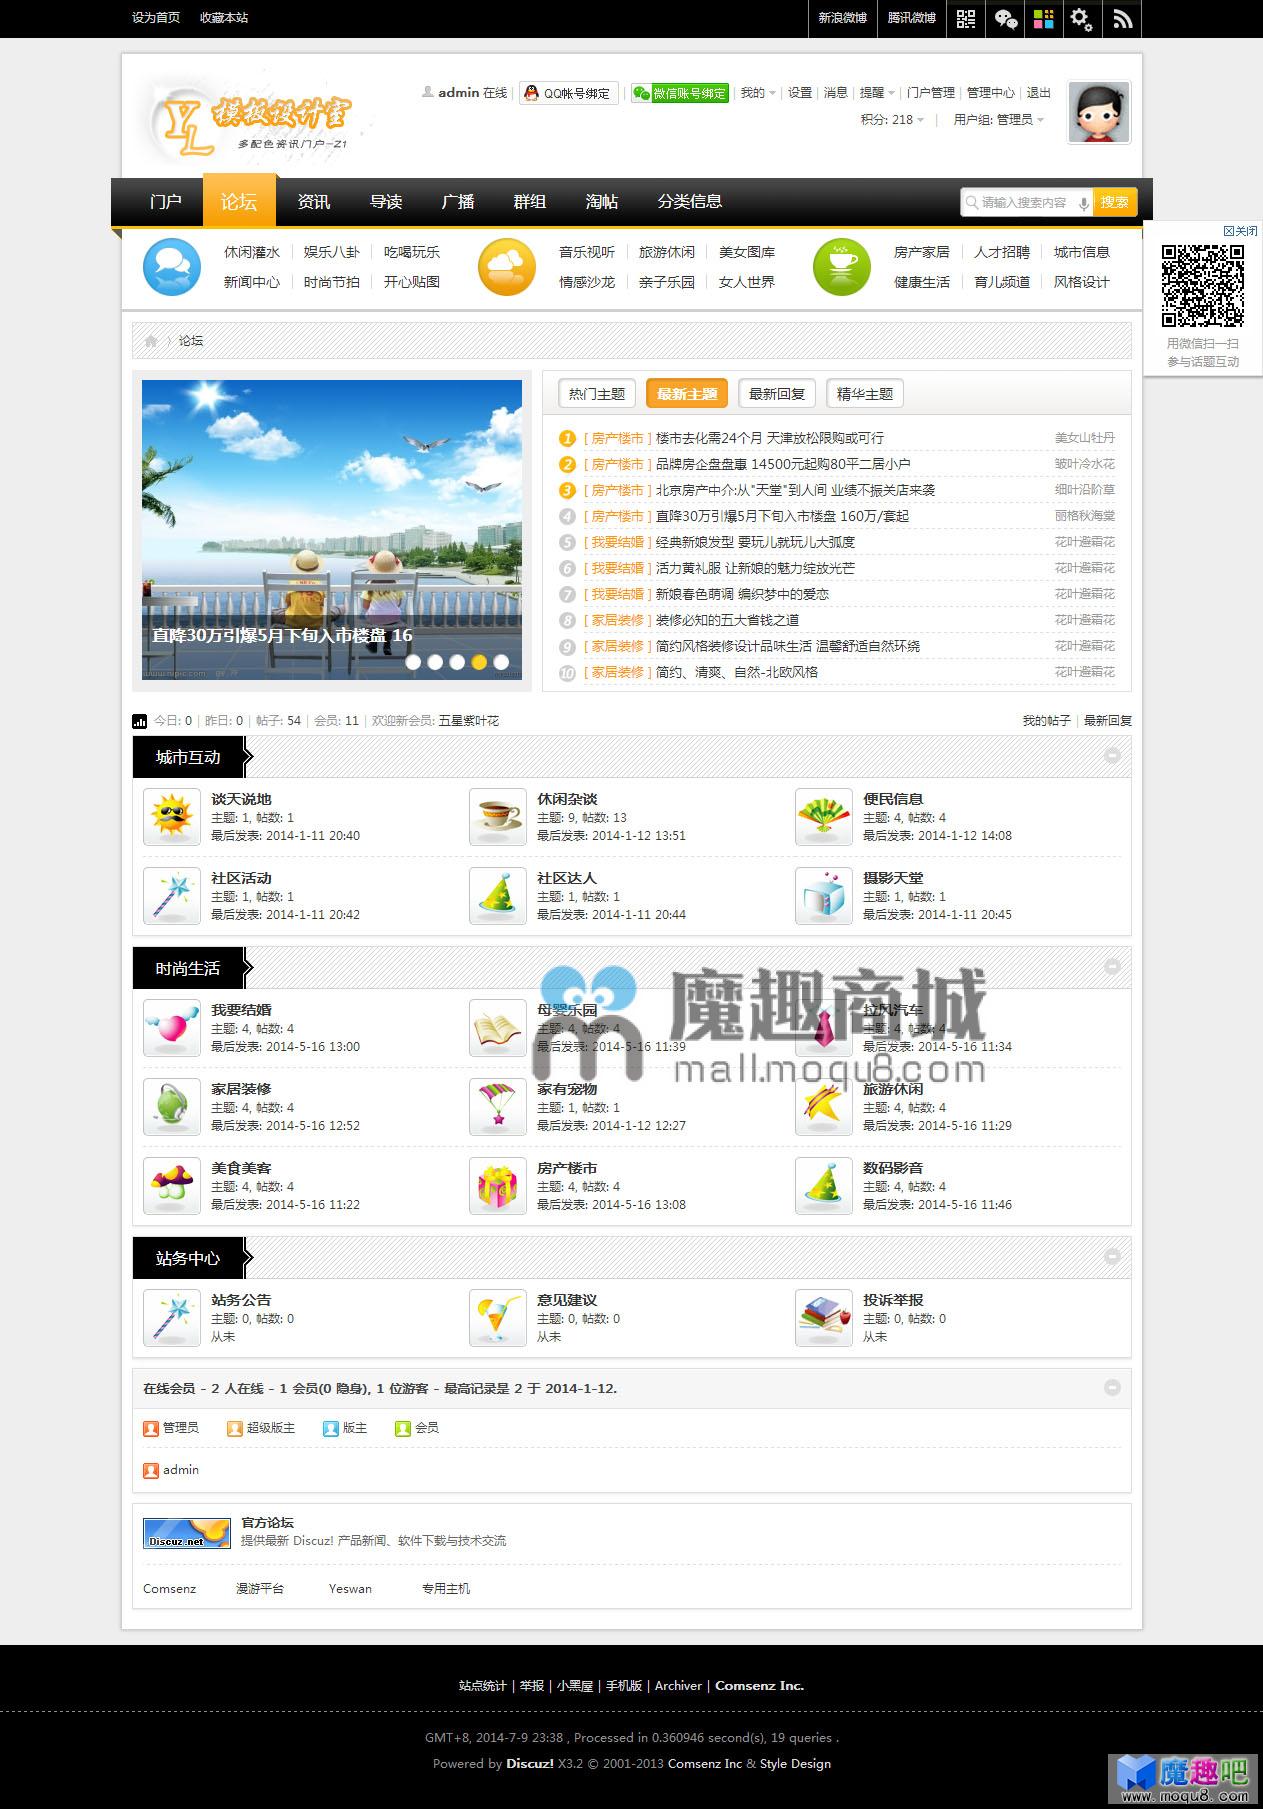 多配色彩色地方资讯门户社区模板GBK+UTF8